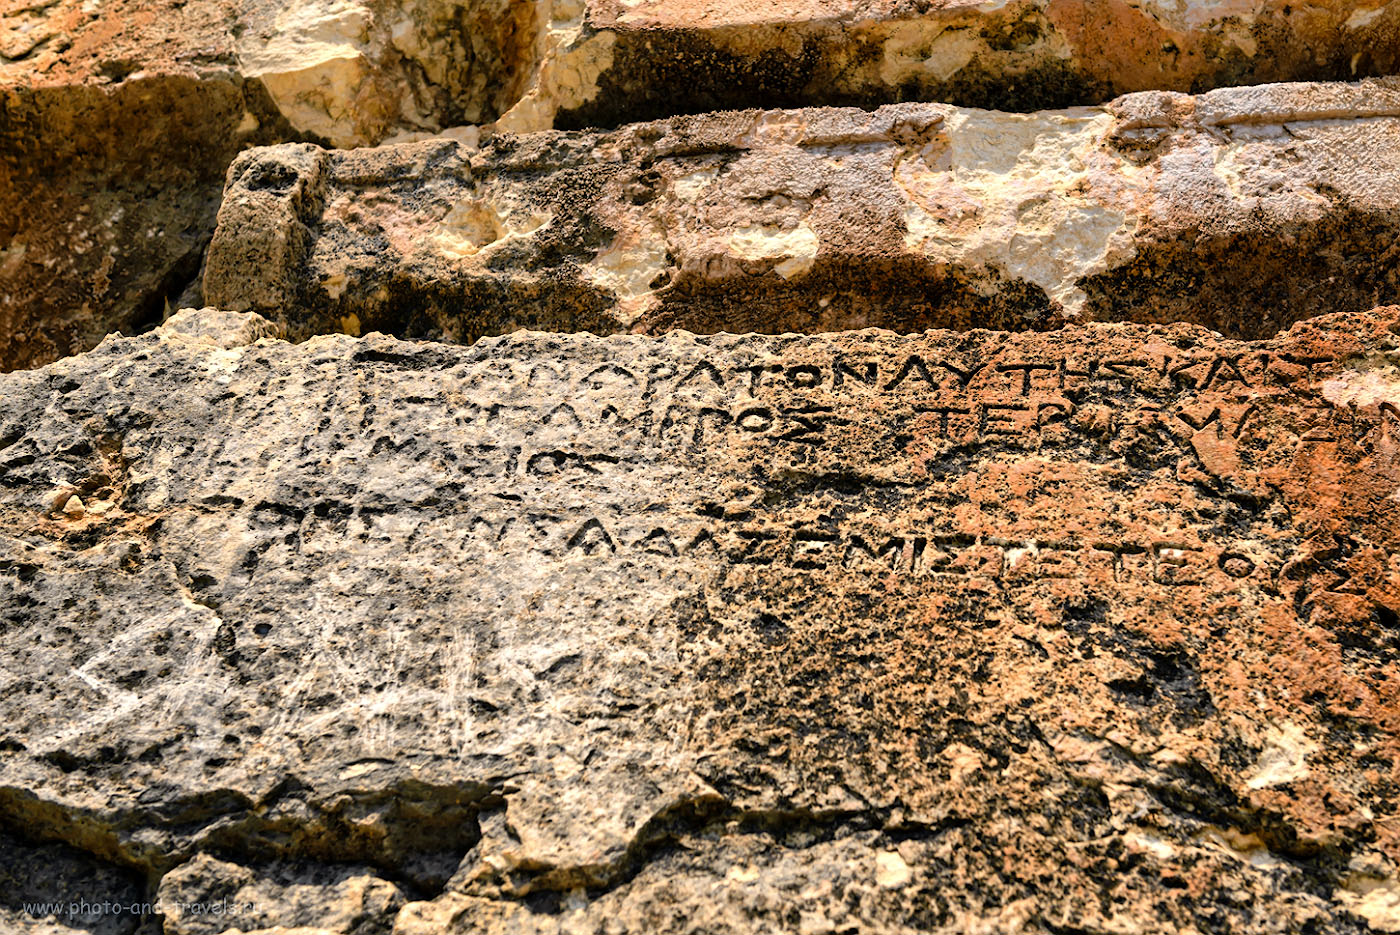 Фотография 18. Греческие надписи на скале в Адам Каялар. 1/1000, 6.3, 320, 44.